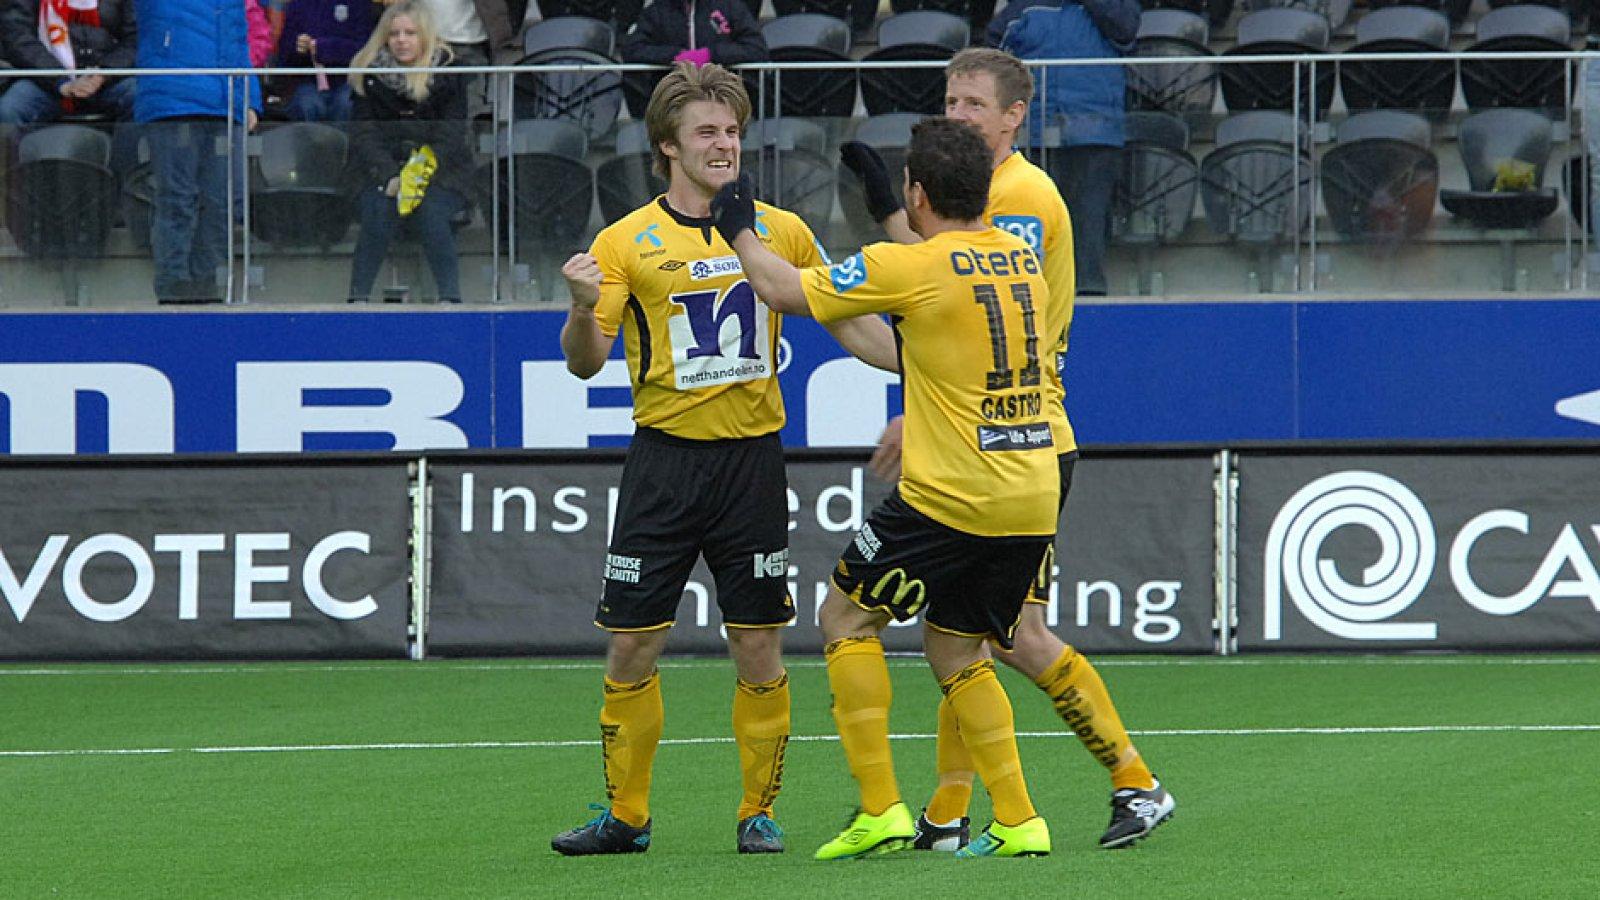 65fde8cf Start - Tromsø: 2-2 (0-0) / Start